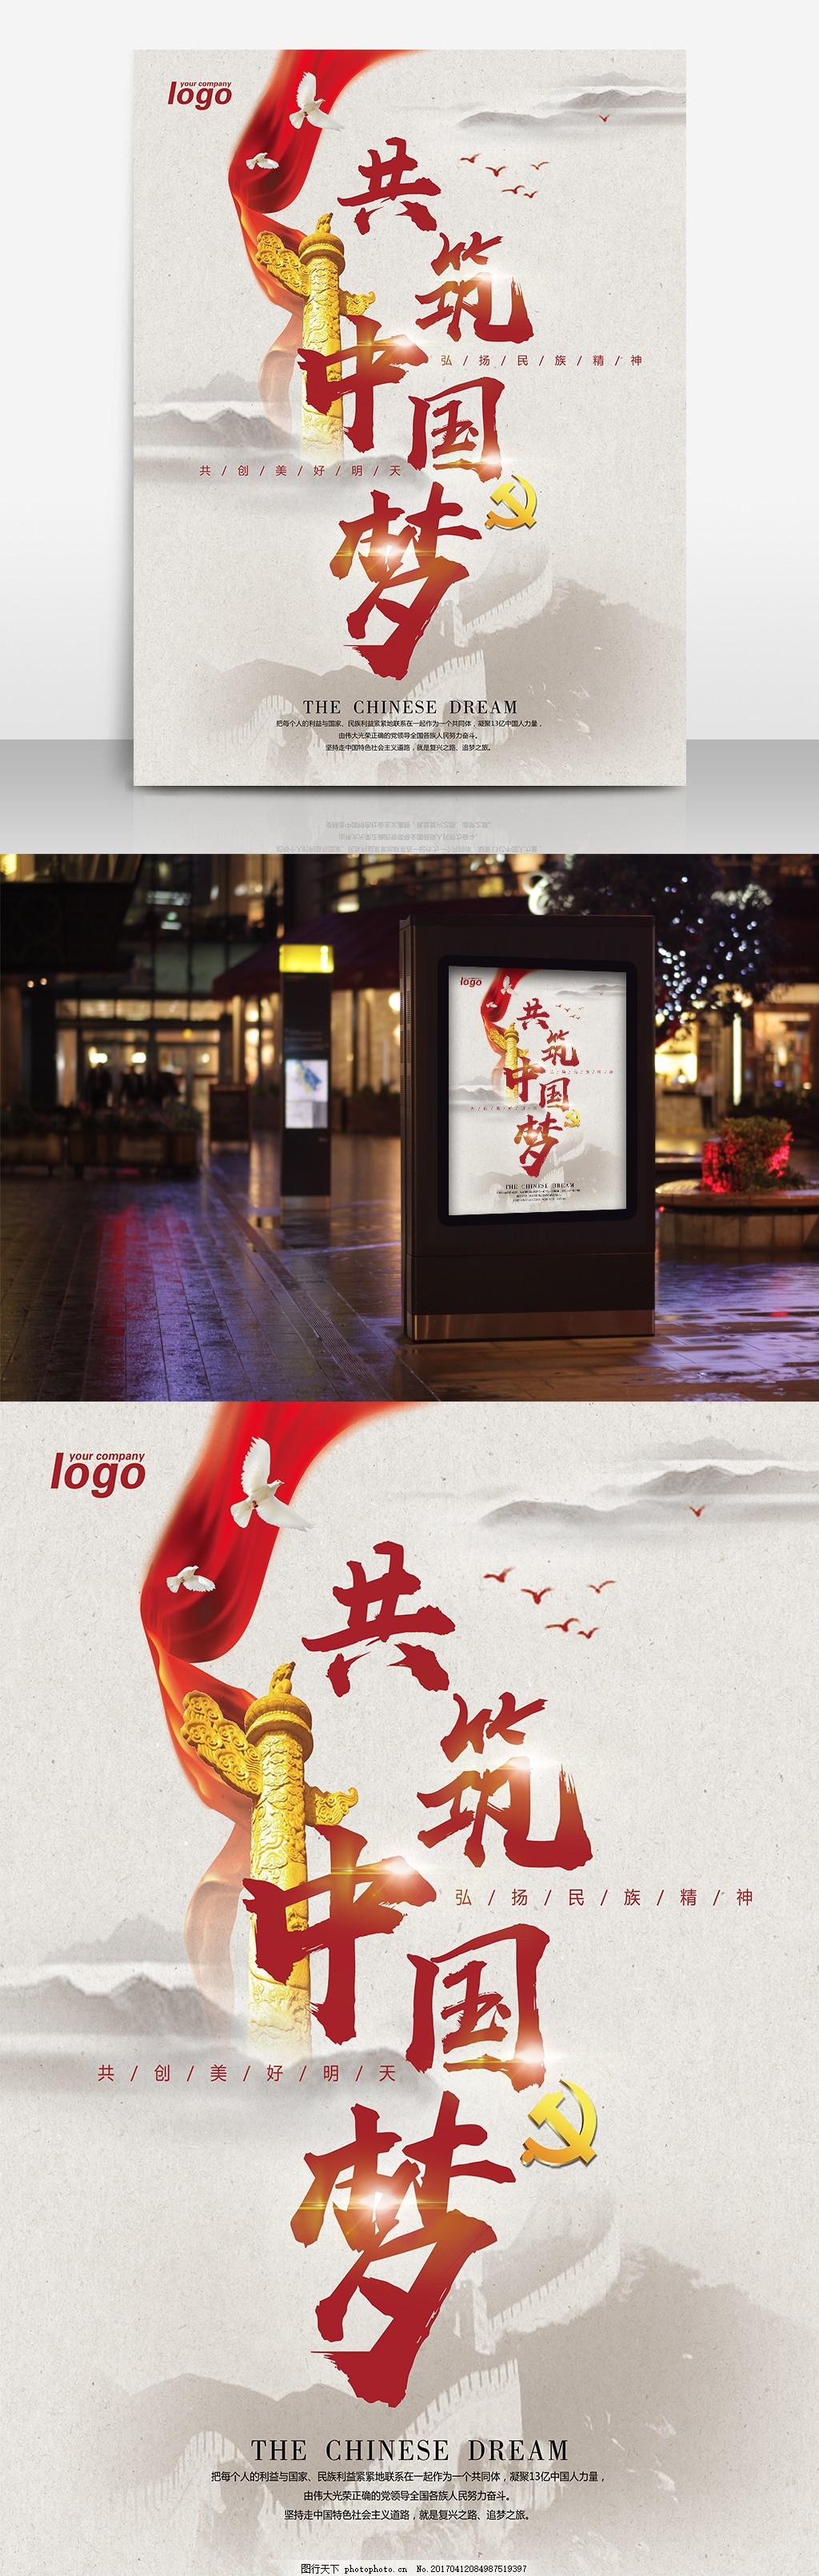 党政宣传中国梦海报宣传栏设计 美丽中国 我的中国梦 中国风 中国梦